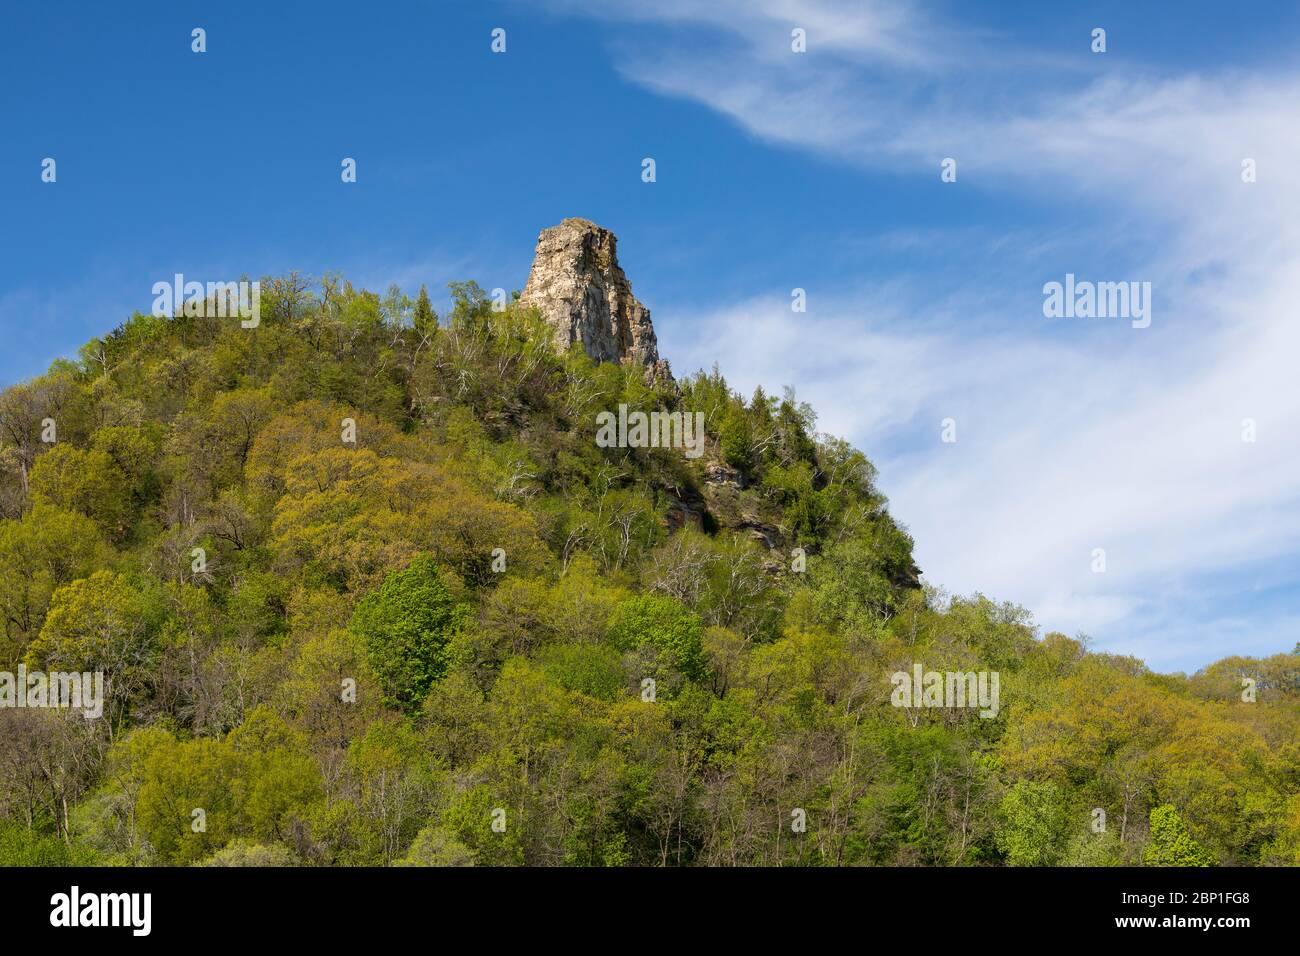 Pan de azúcar - una formación rocosa en la cima de una colina durante la primavera. Foto de stock